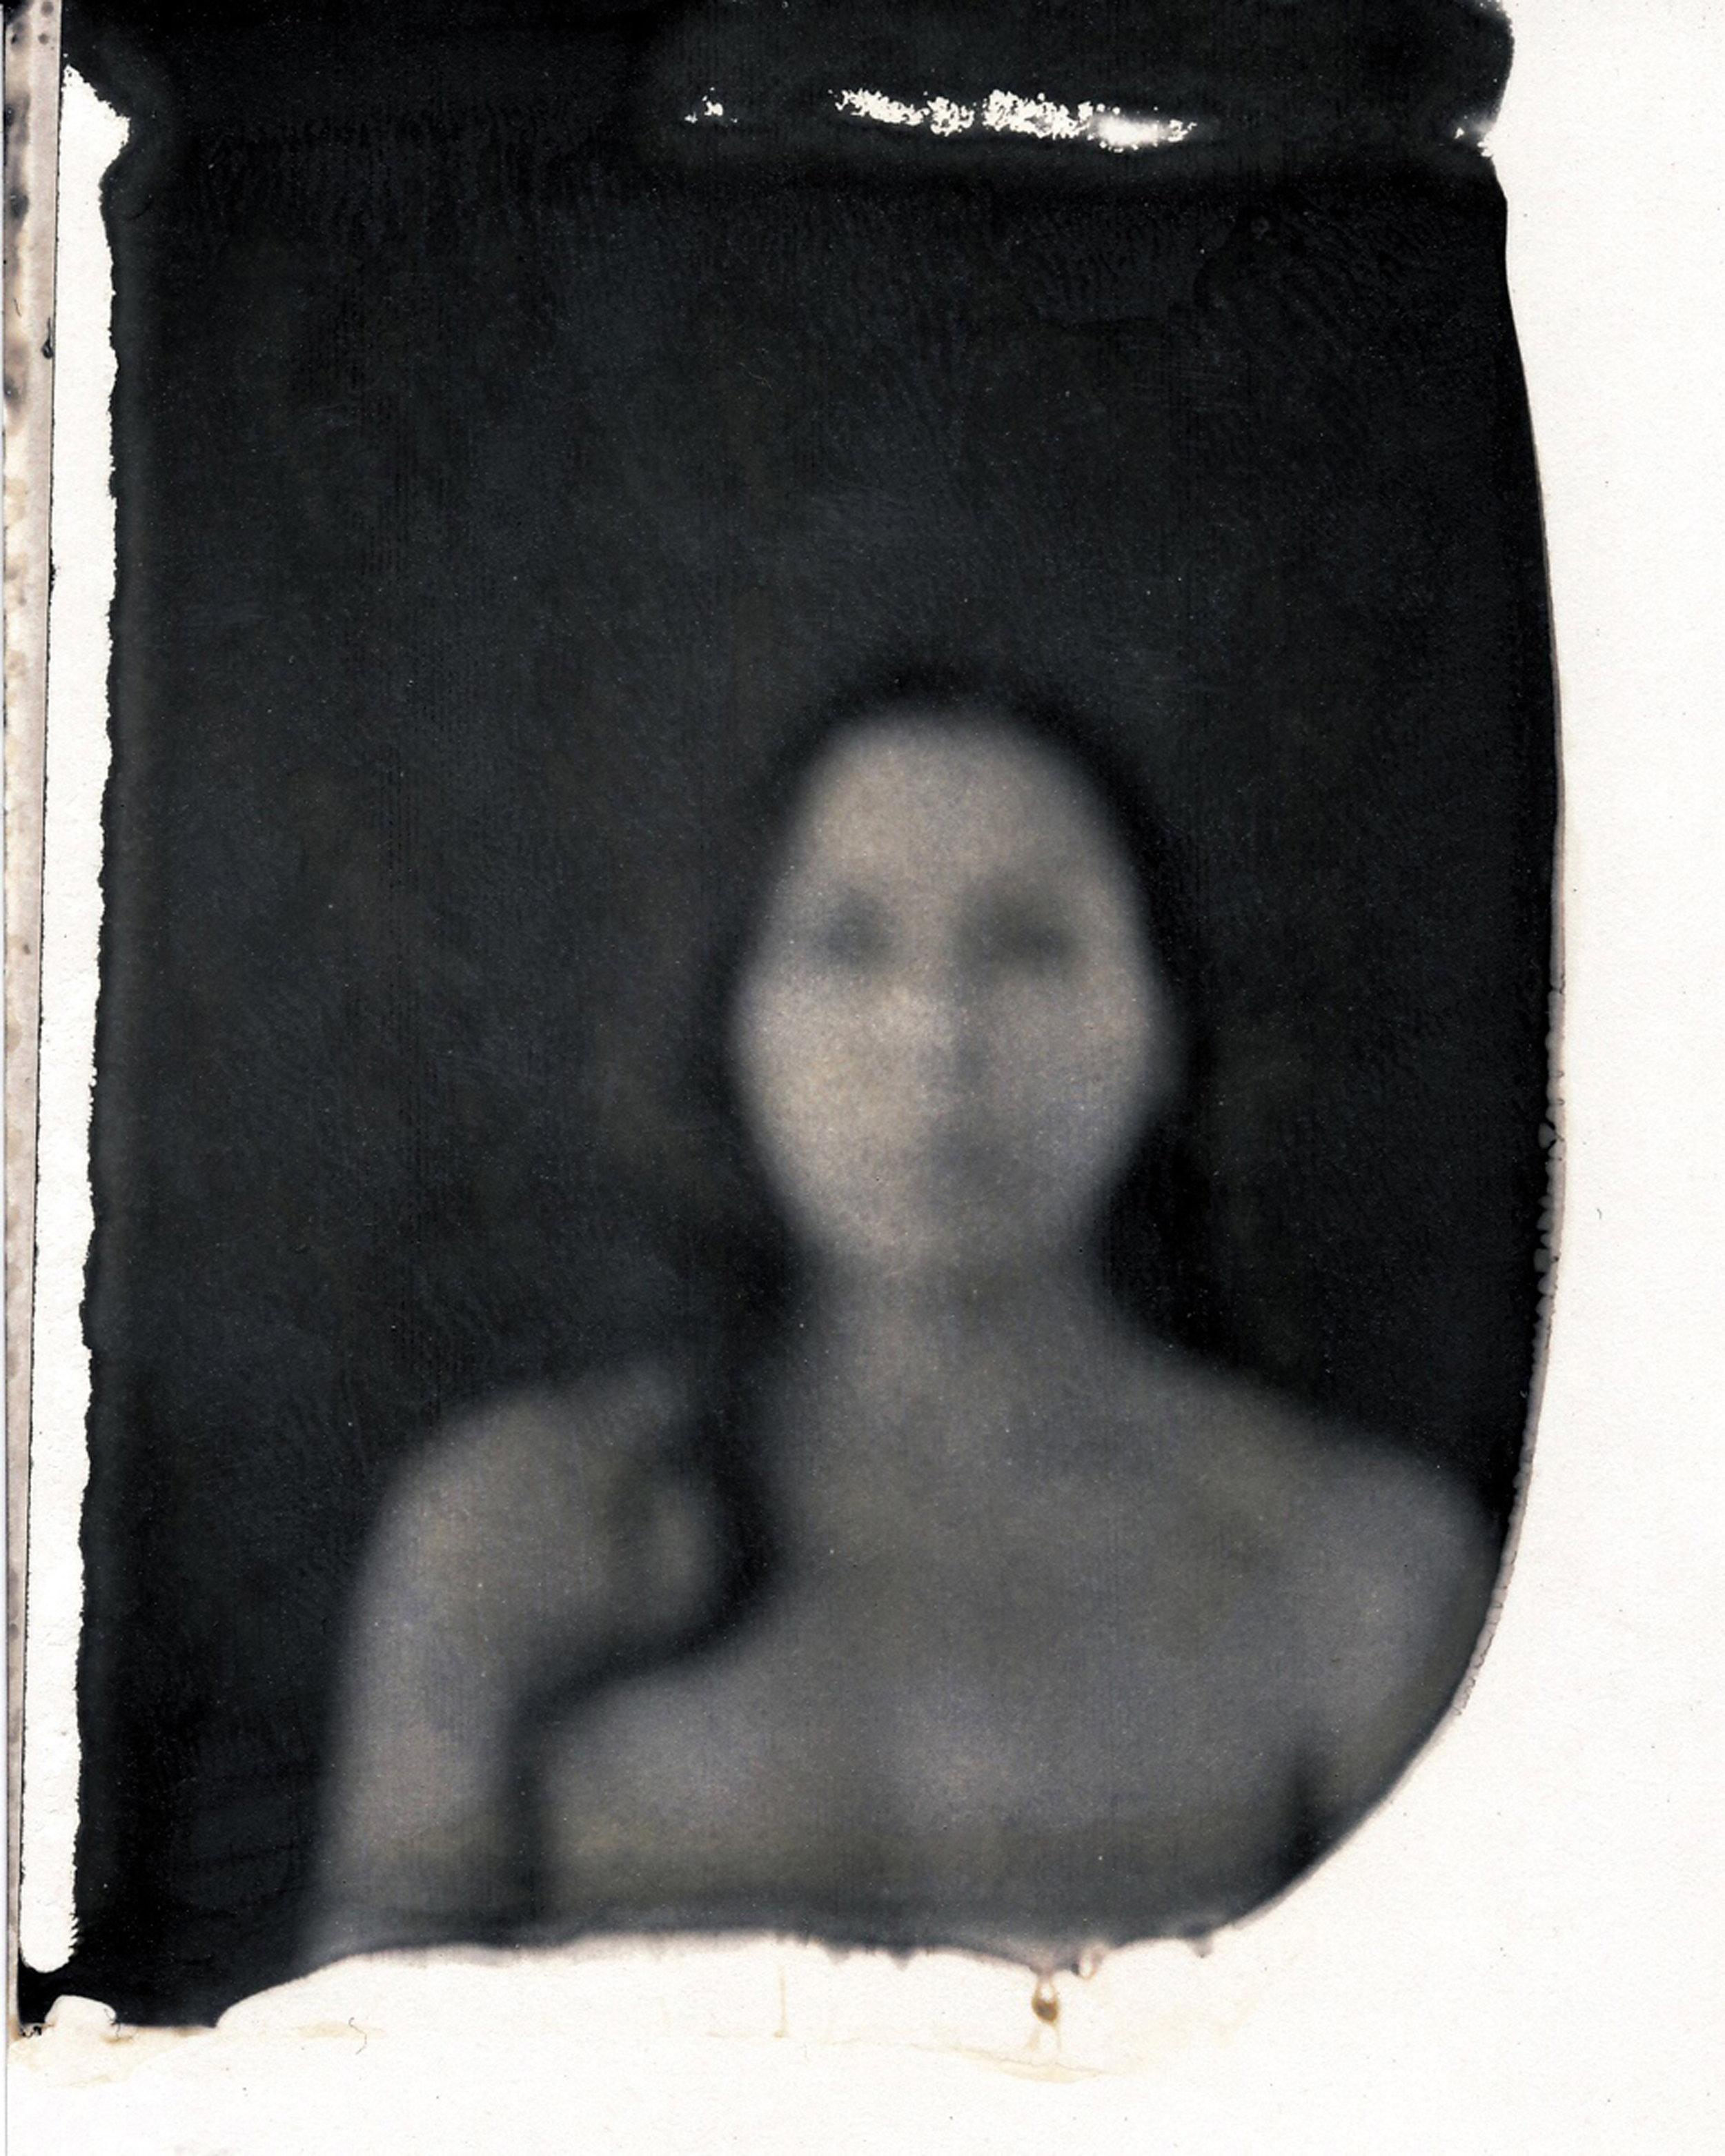 Catherine_Just_Self Portrait #5 Ghost series.jpg